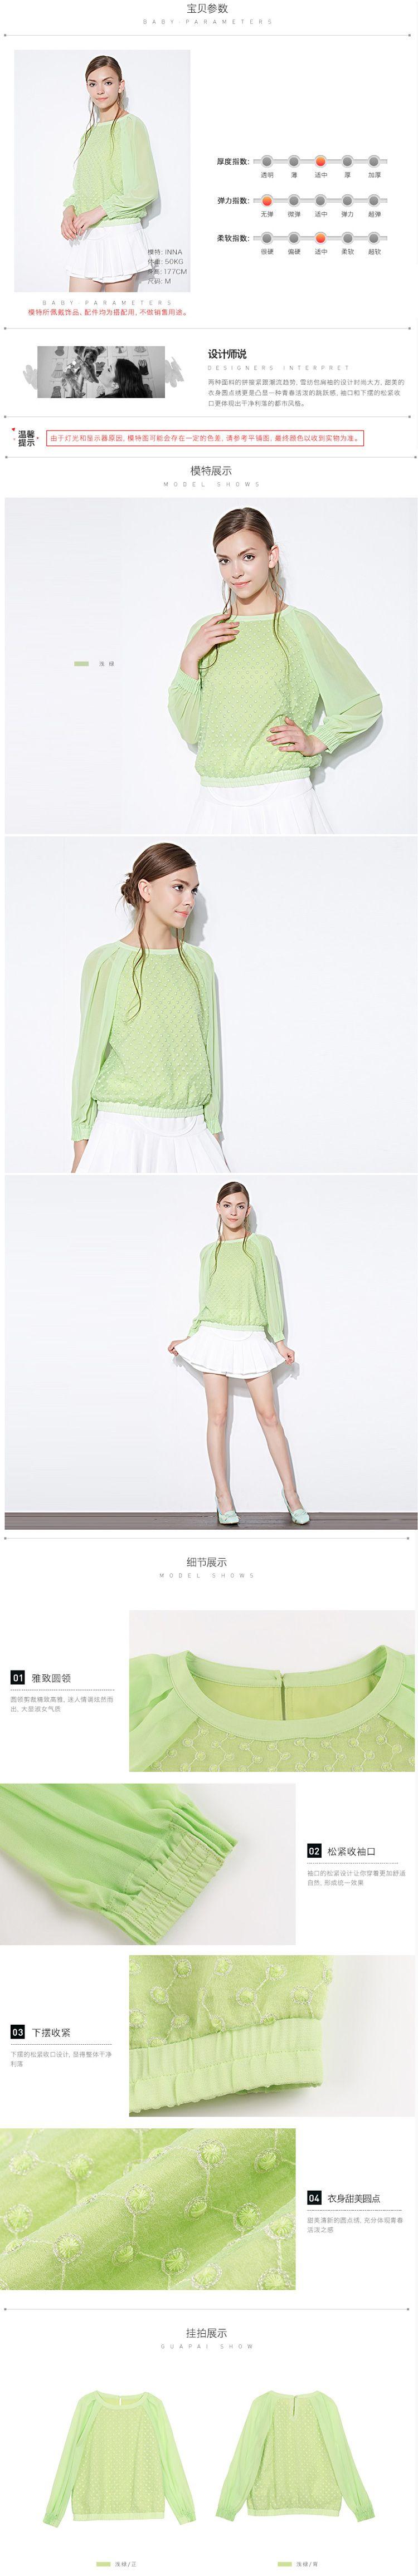 浅绿圆点机绣雪纺插肩长袖衬衫上衣